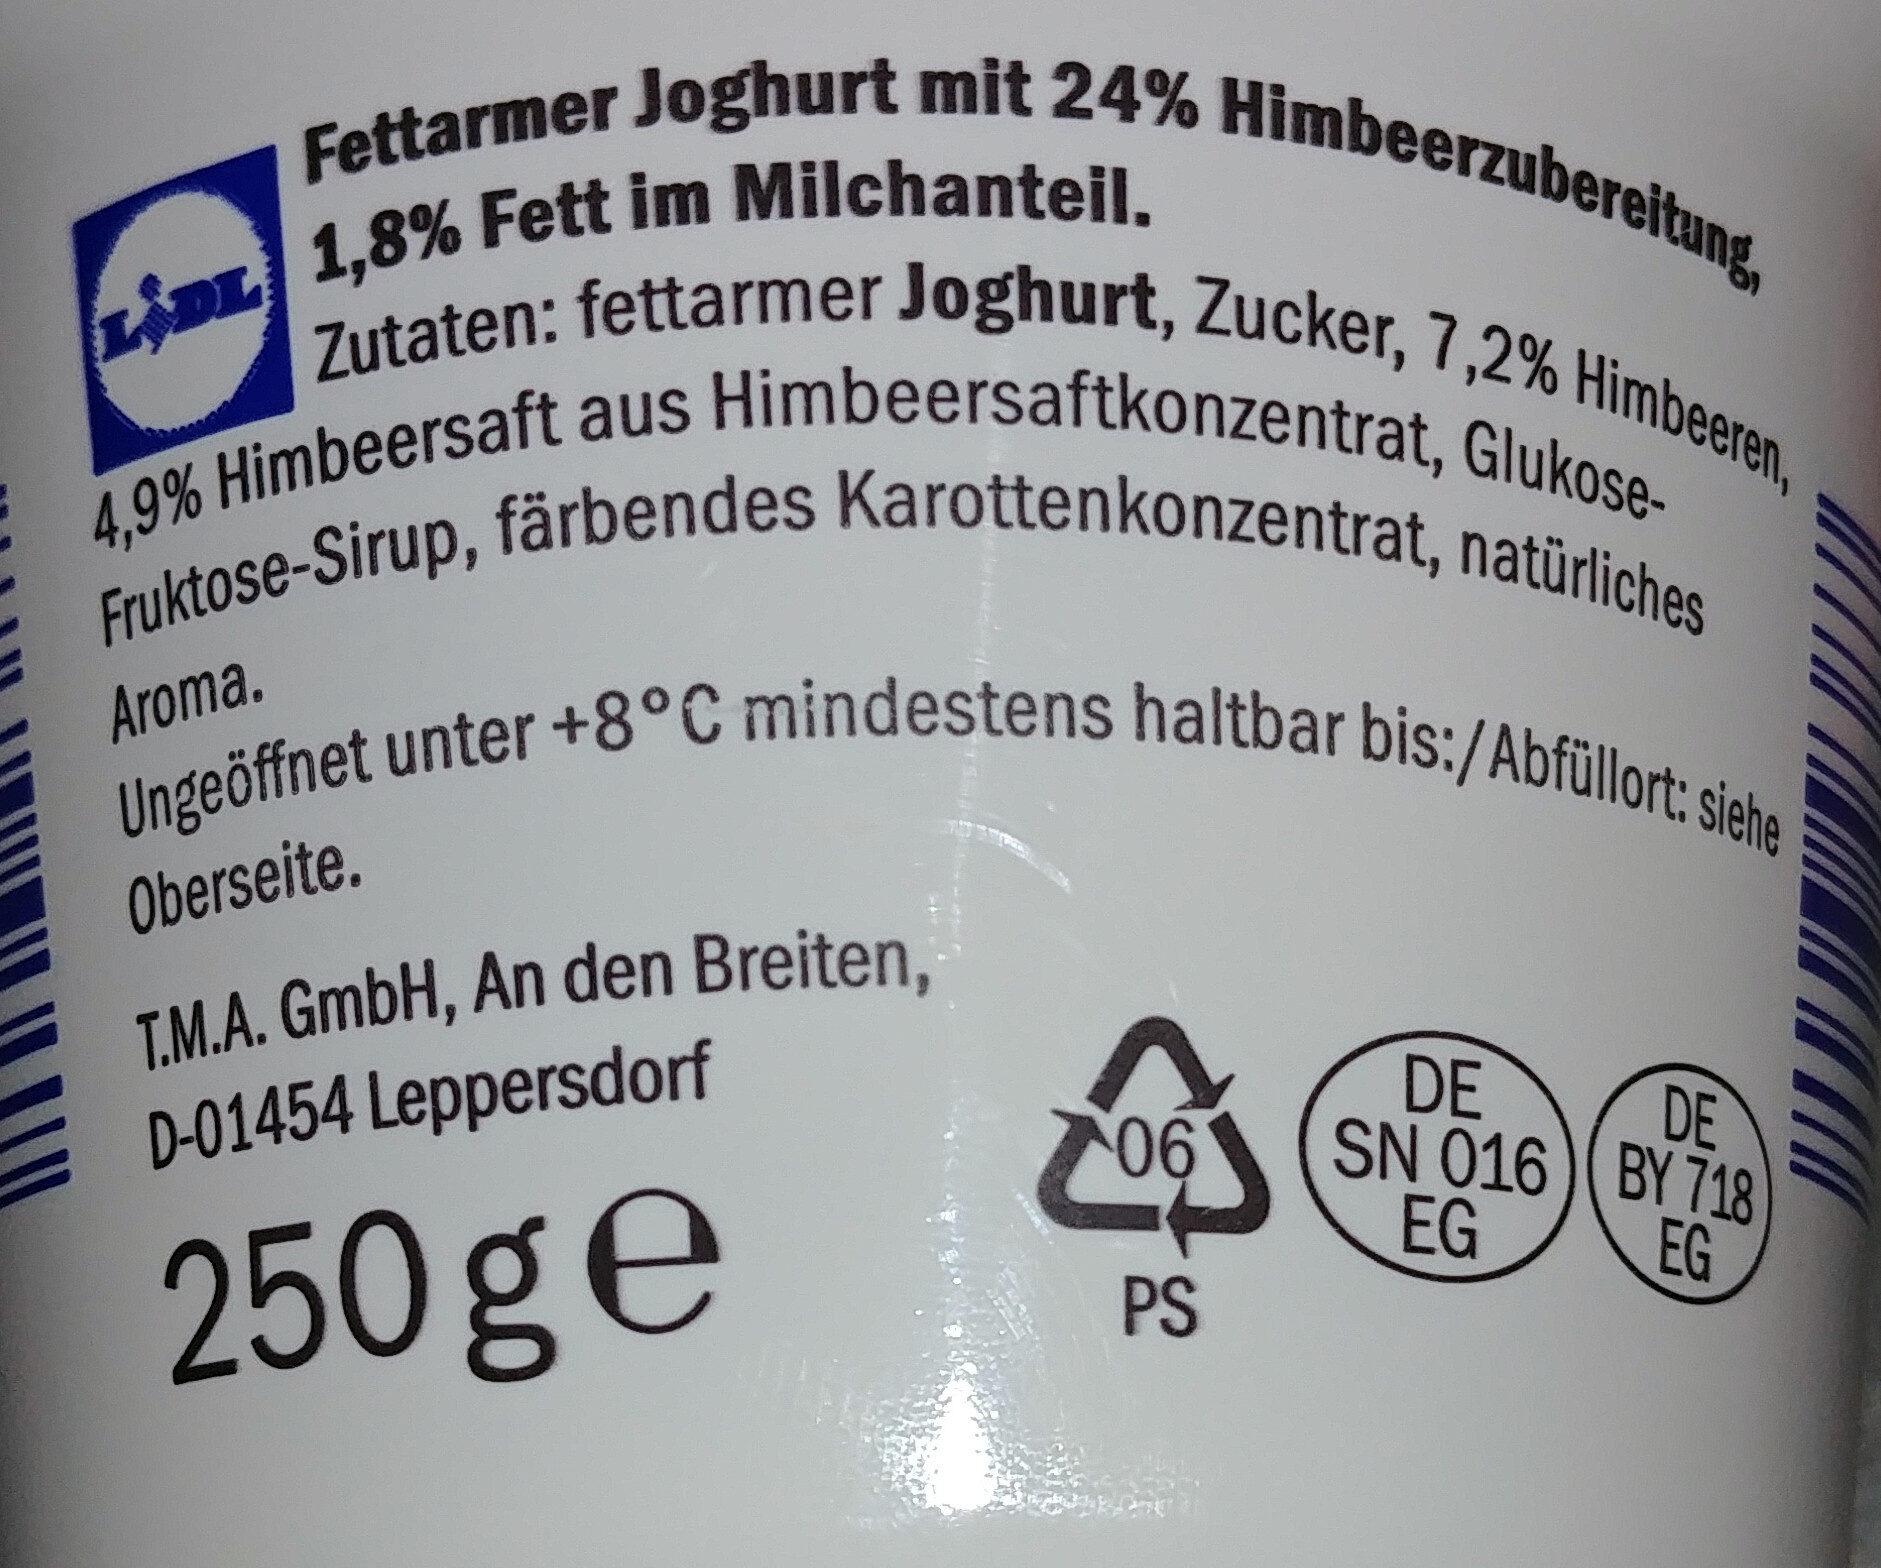 Fettarmer Joghurt mit 24% Himbeerzubereitung - Ingrédients - fr